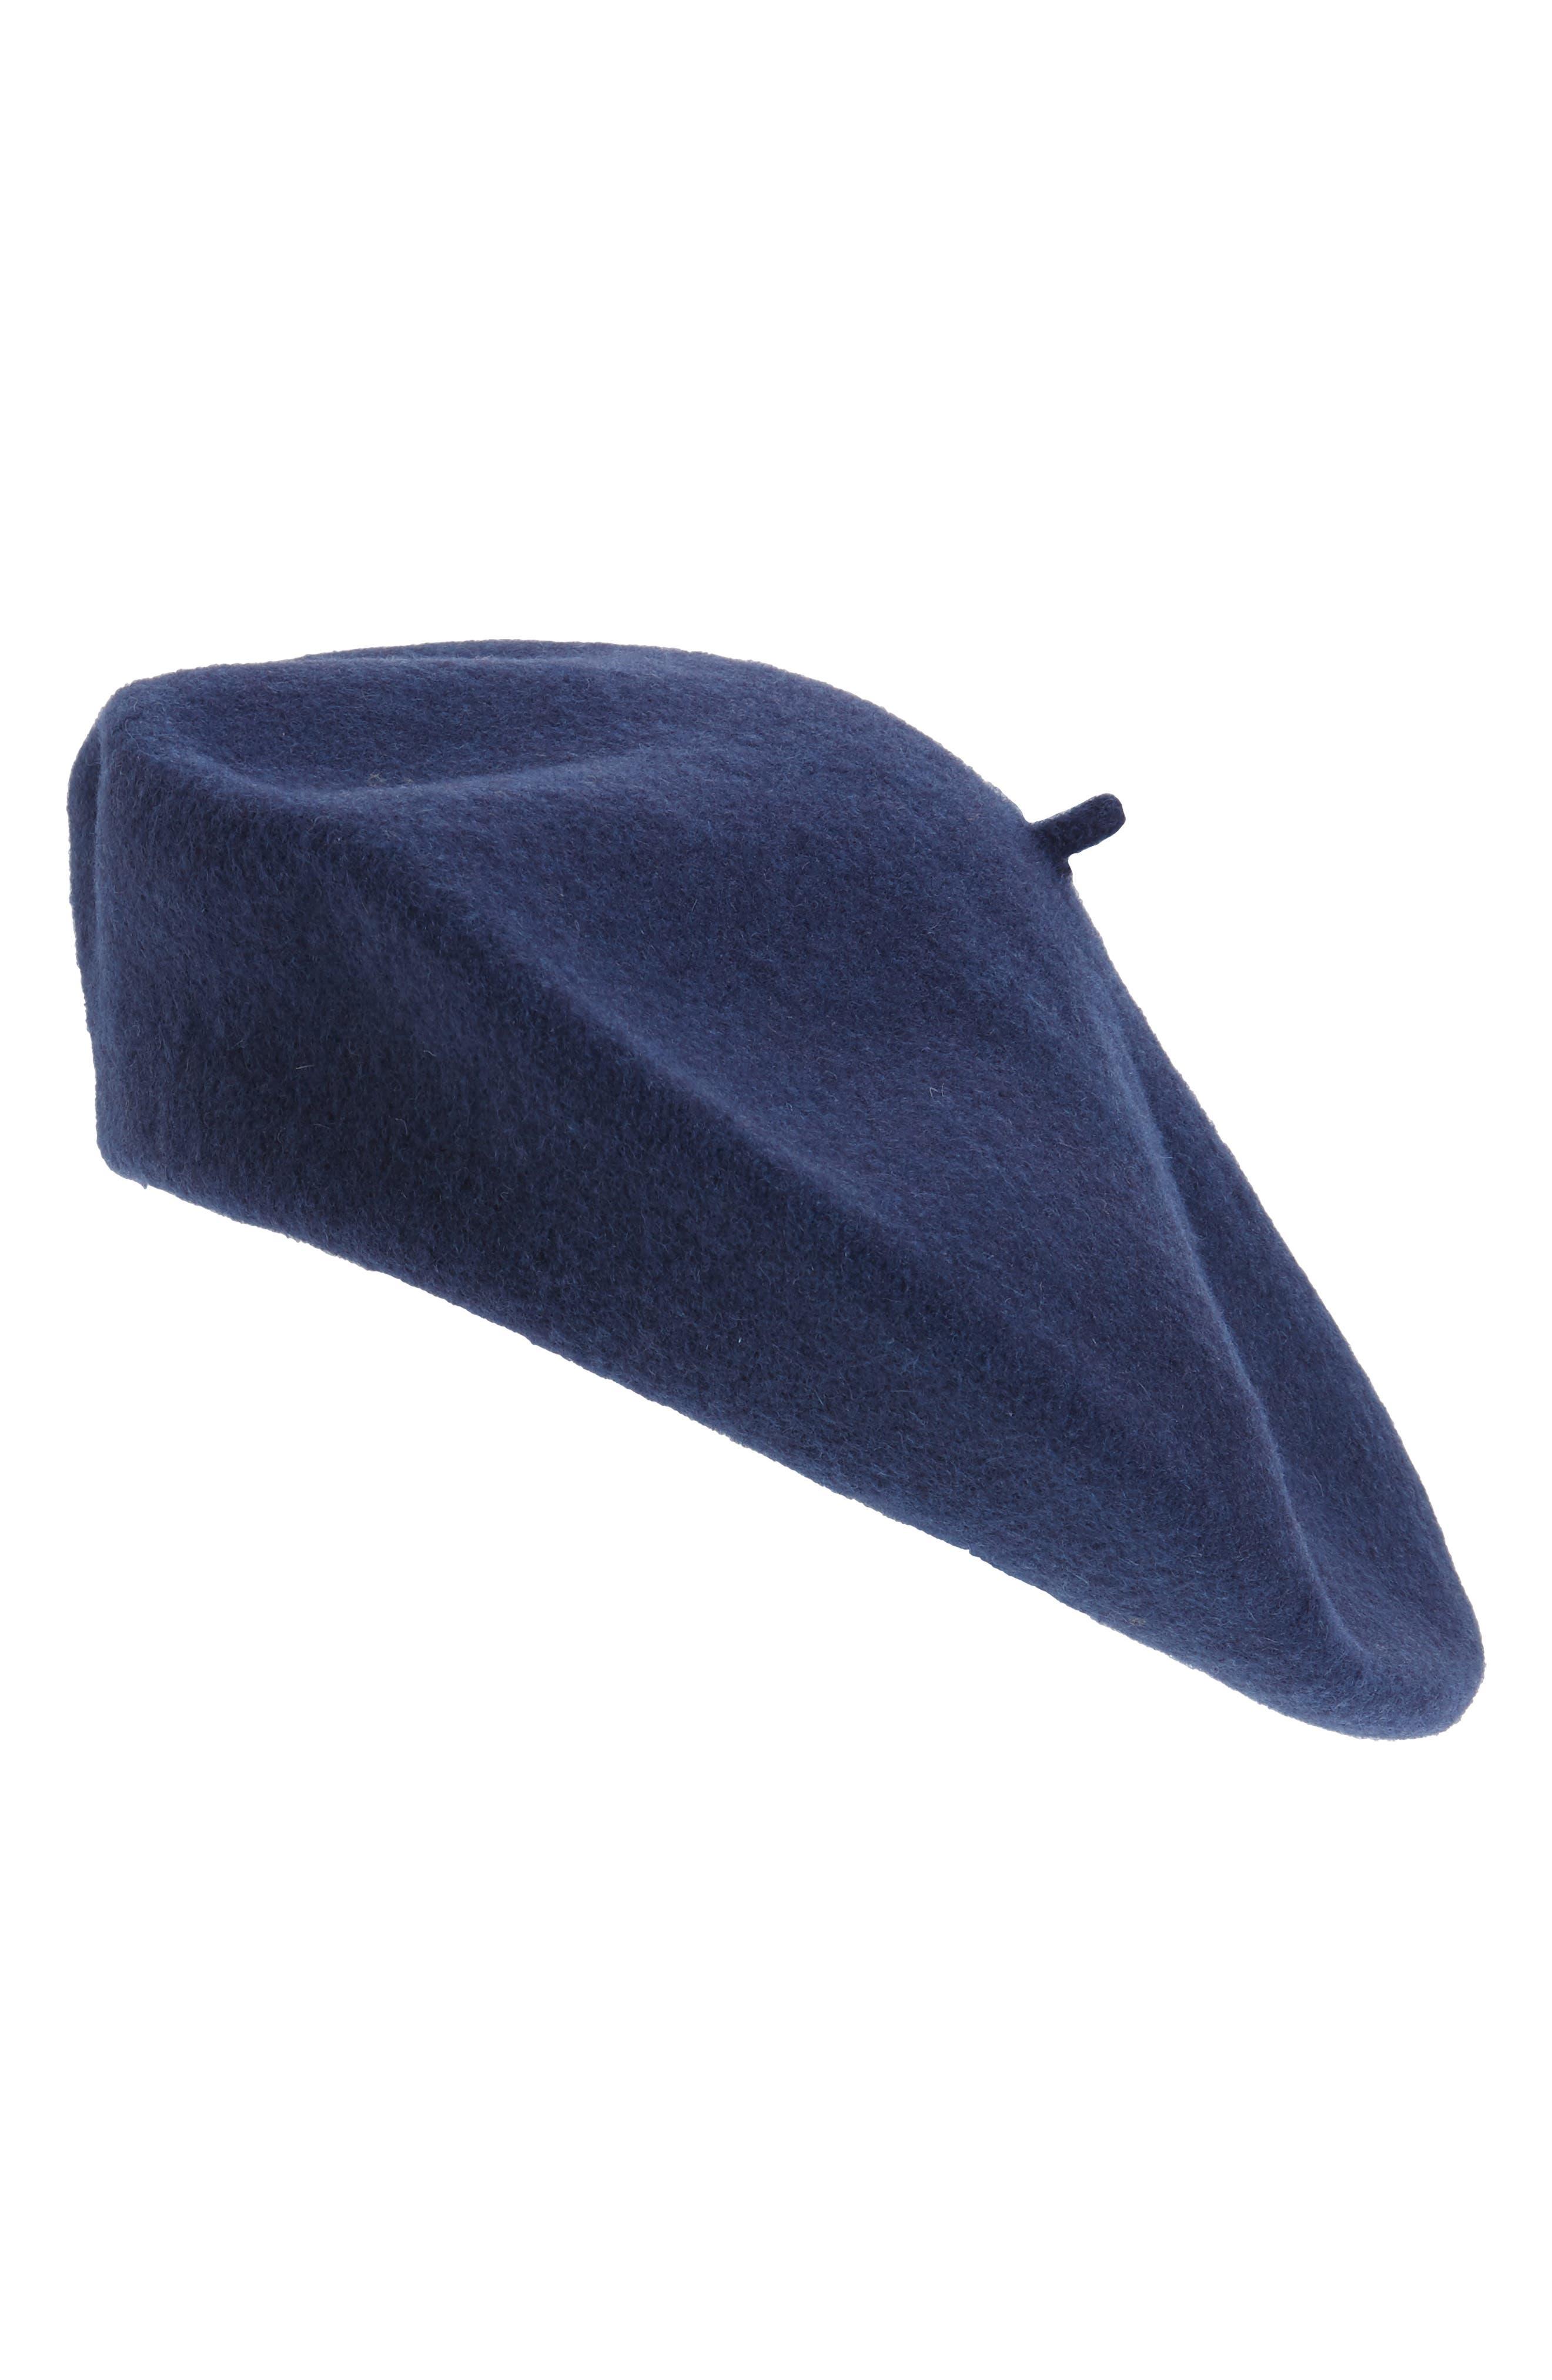 x Biltmore<sup>®</sup> Wool Beret, Main, color, 400